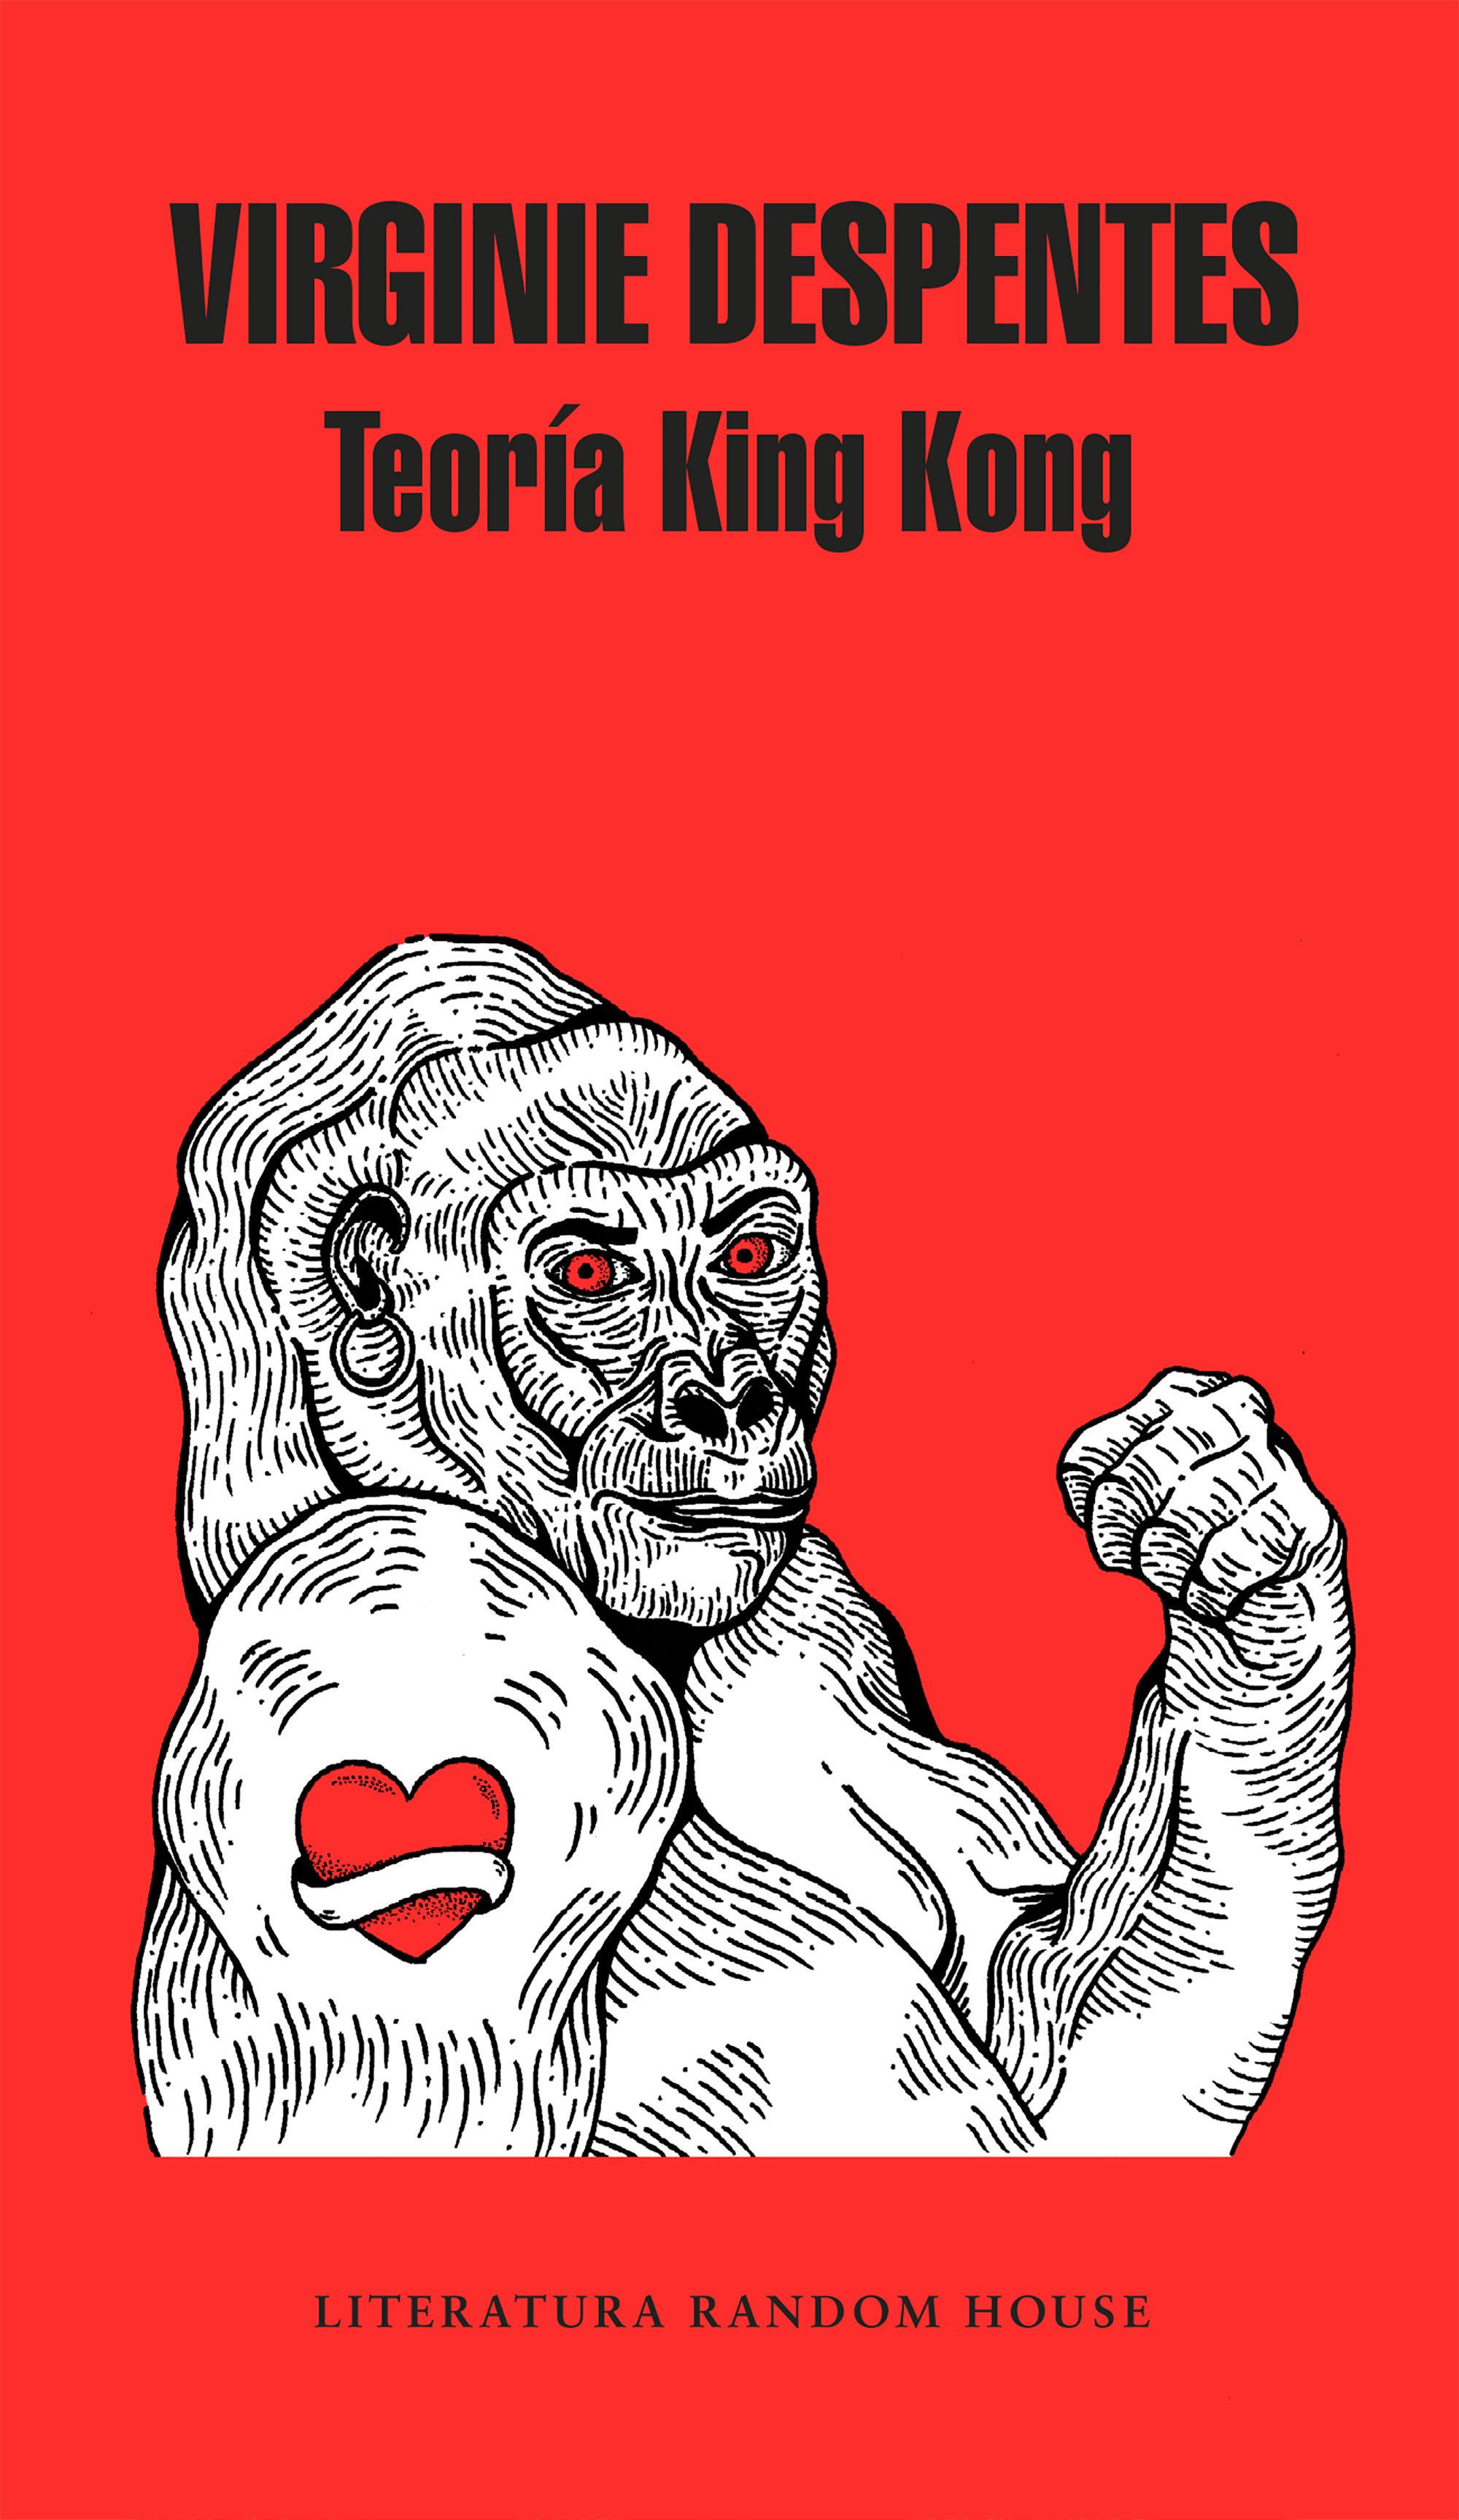 portada Teoria King Kong